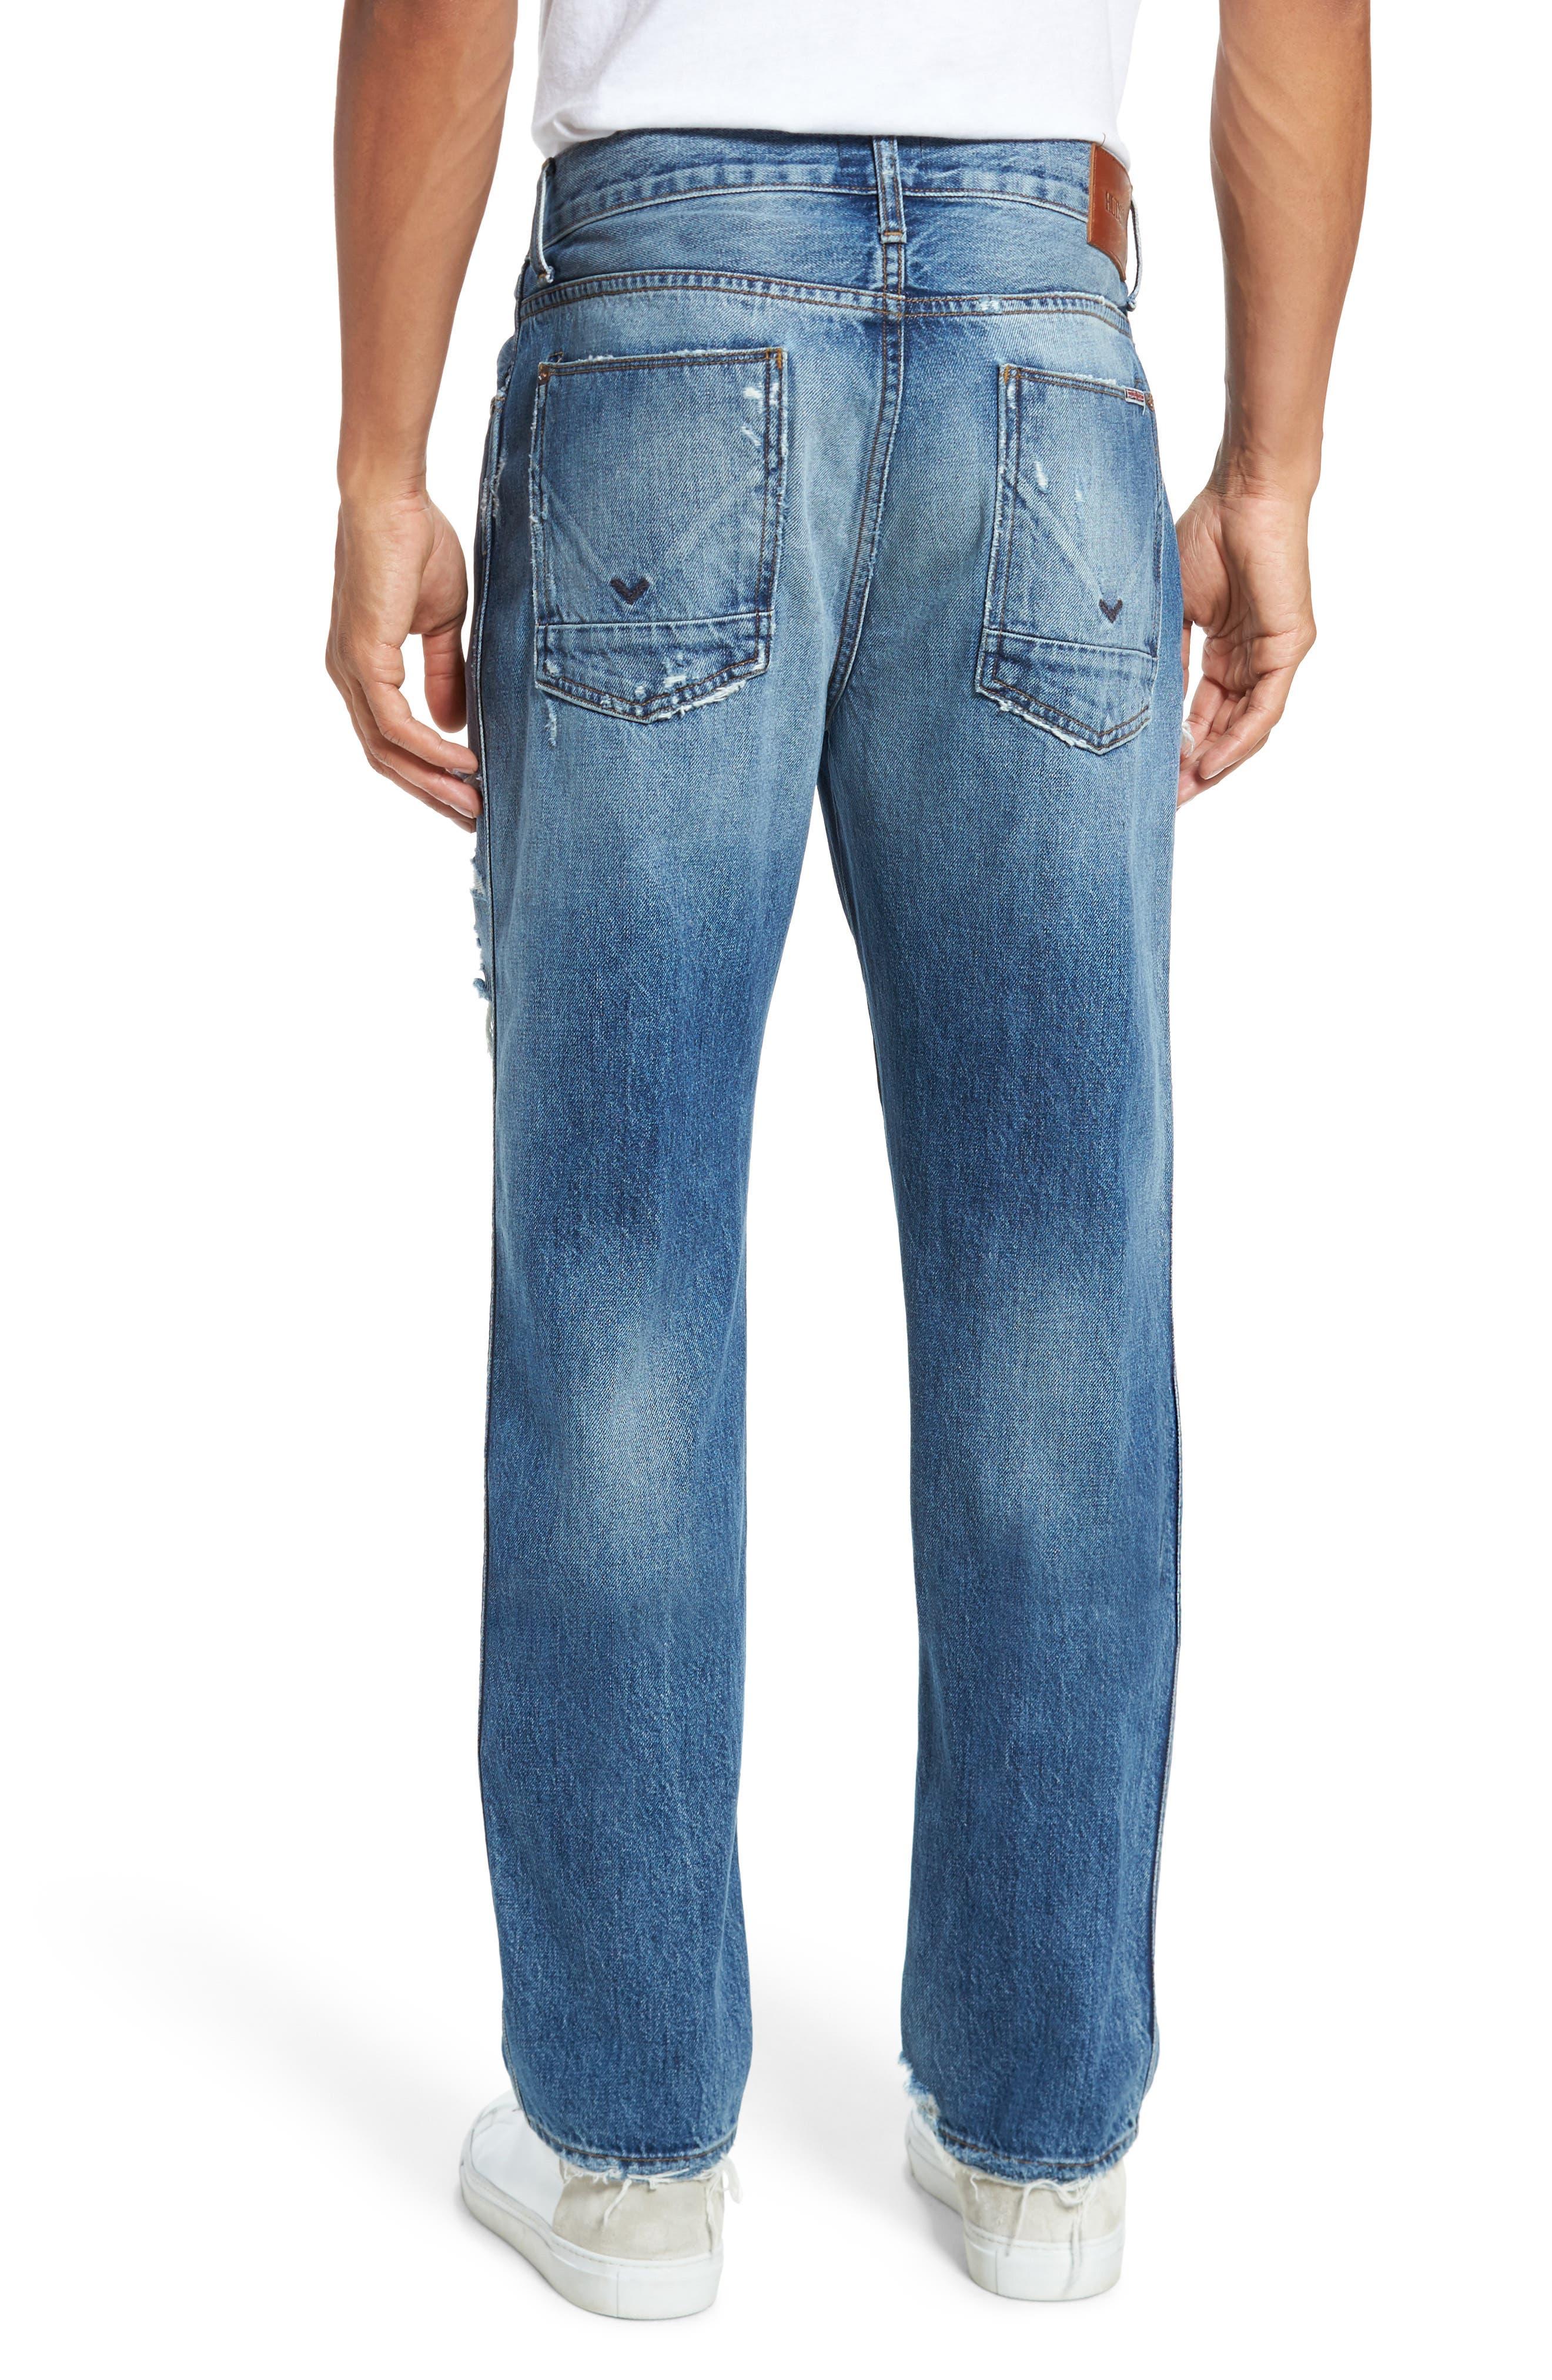 Dixon Straight Fit Jeans,                             Alternate thumbnail 2, color,                             450